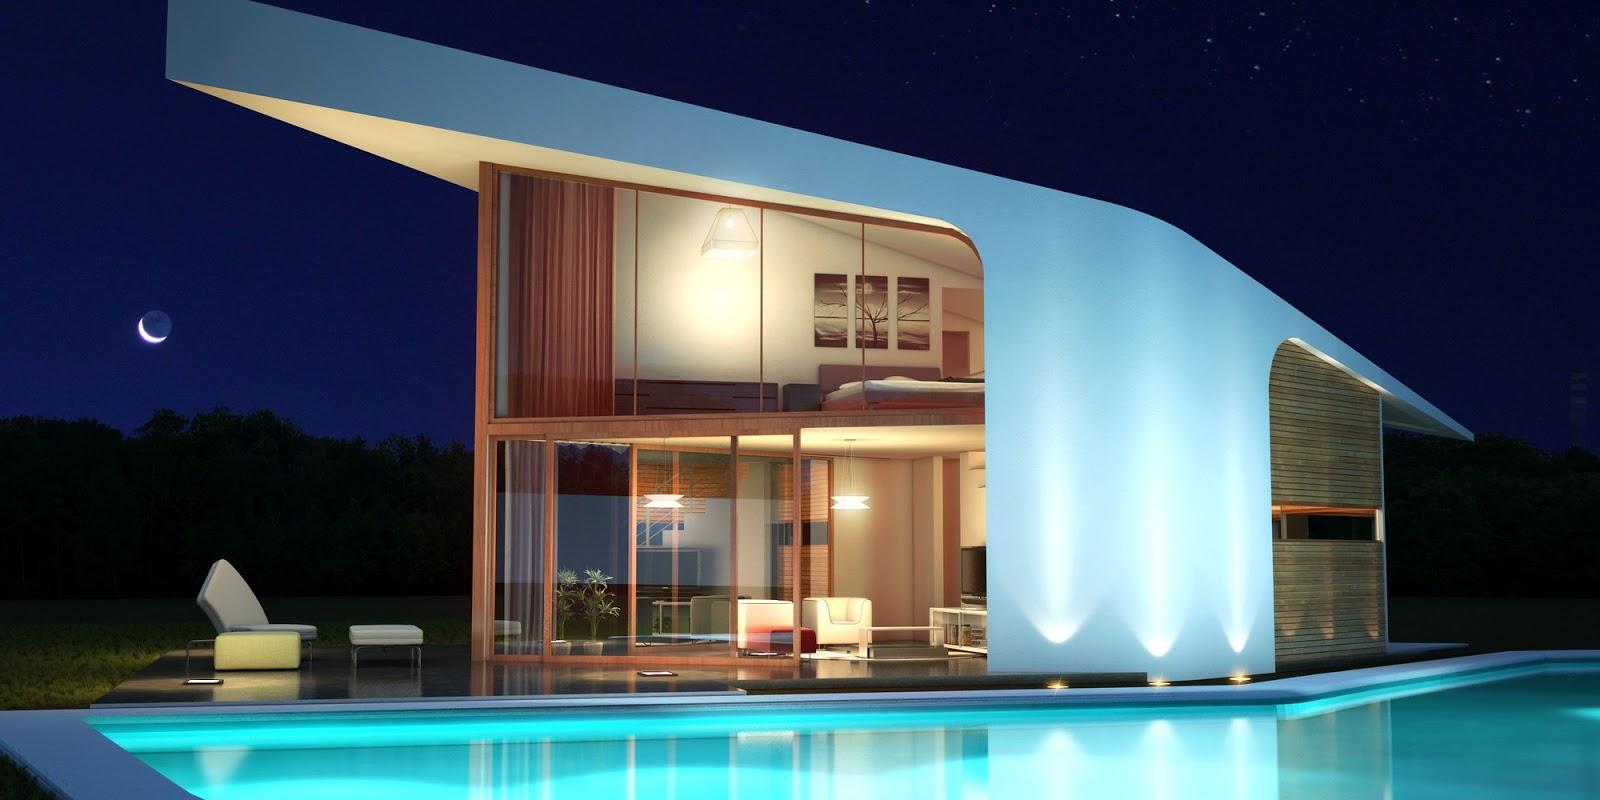 Adelante d dise o casas modernas casas ecoeficientes for Casas prefabricadas de diseno minimalista